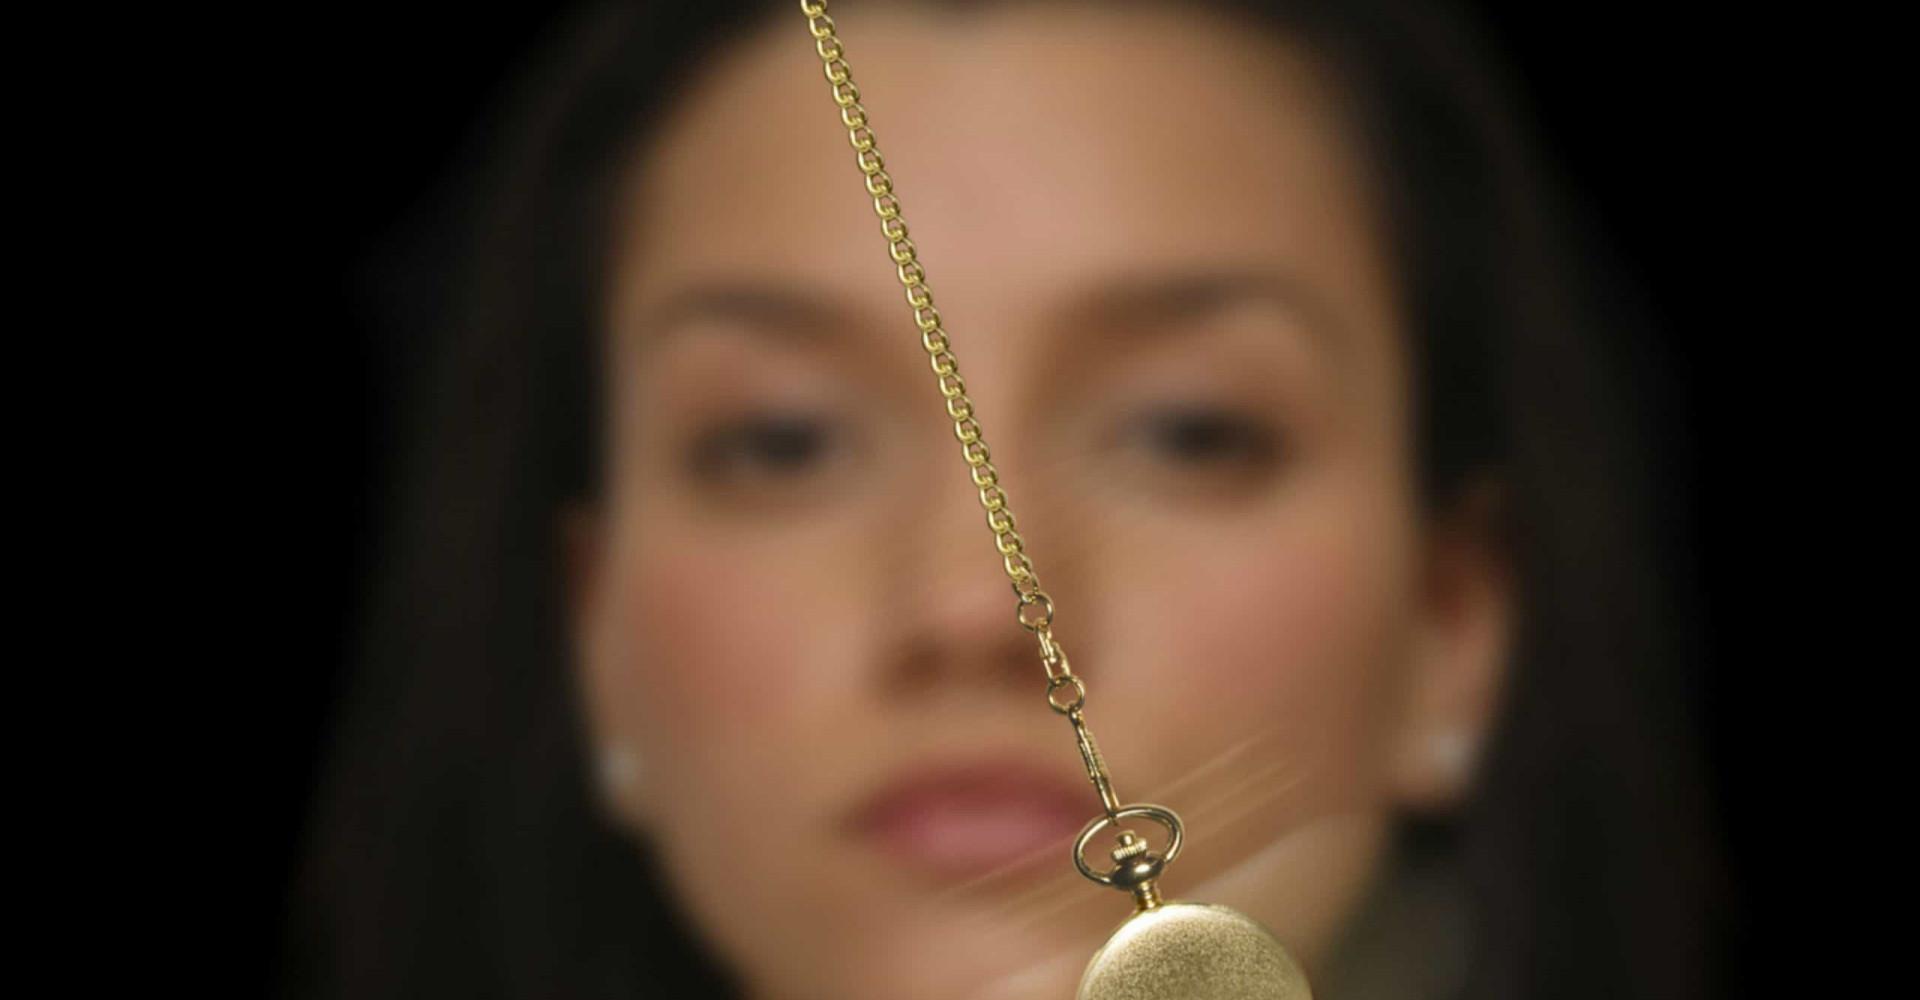 Myter och fakta om hypnosterapi